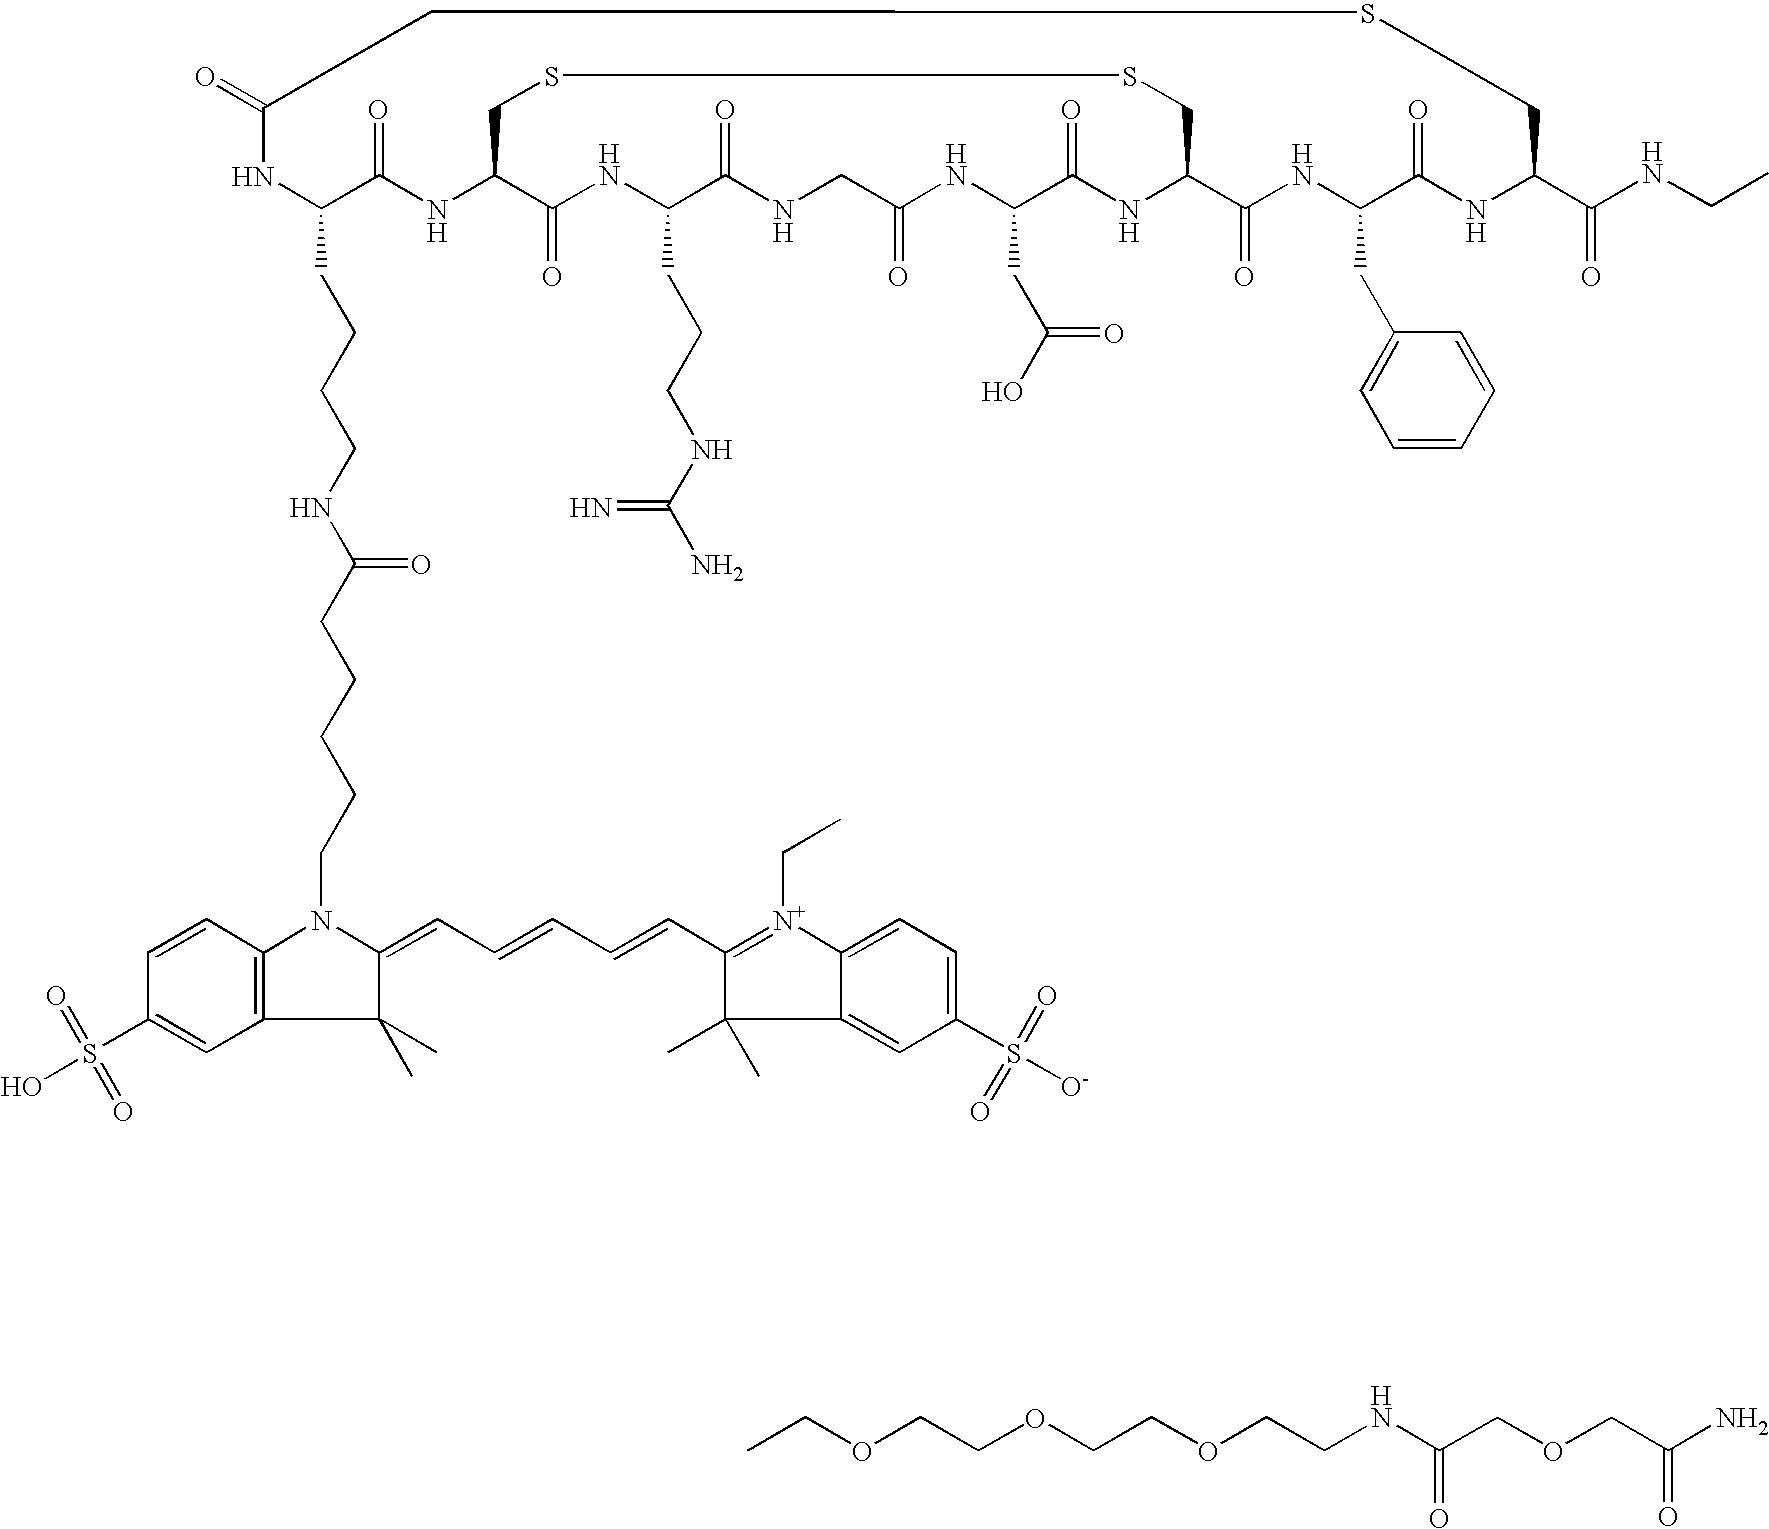 Figure US20090232741A1-20090917-C00023